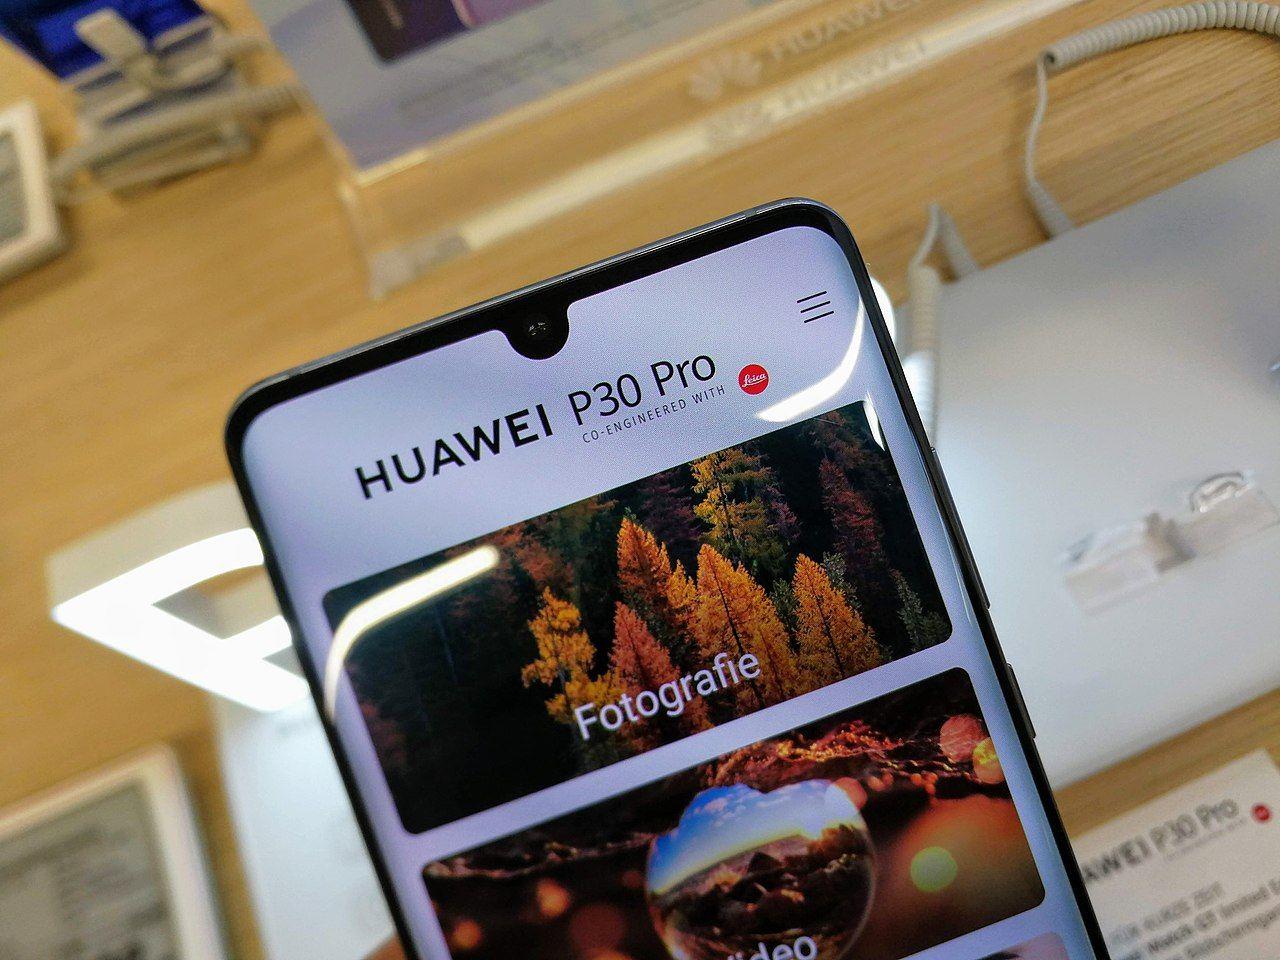 Även Intel, Qualcomm och andra bojkottar Huawei